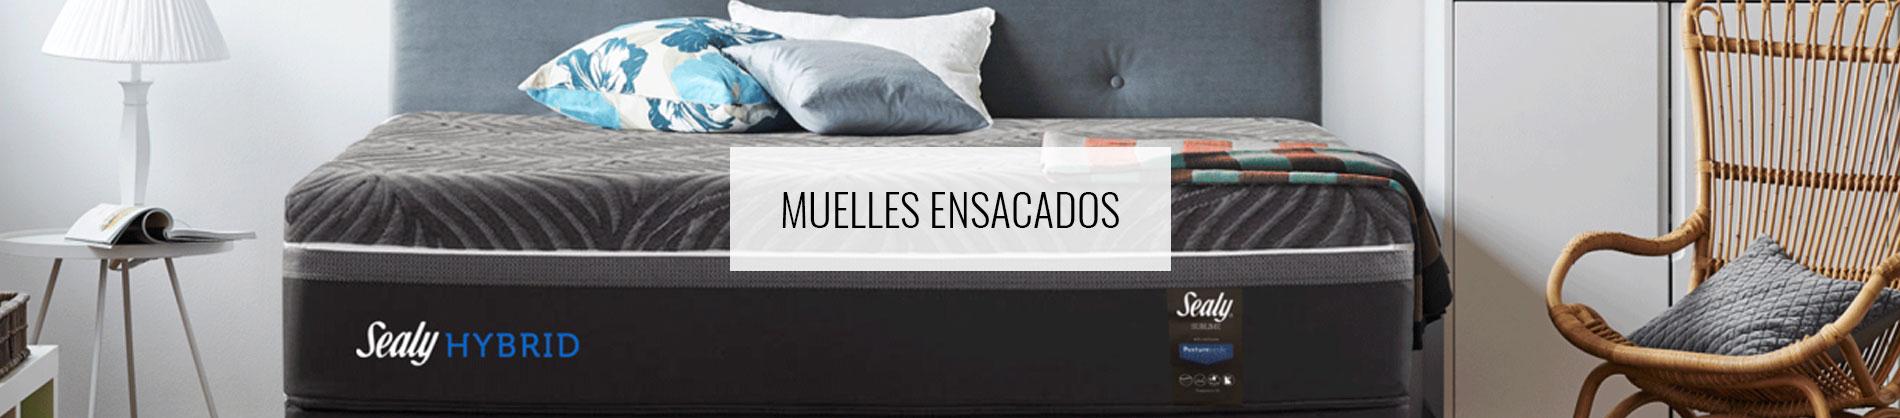 Colchones de Muelles ensacados en Córdoba